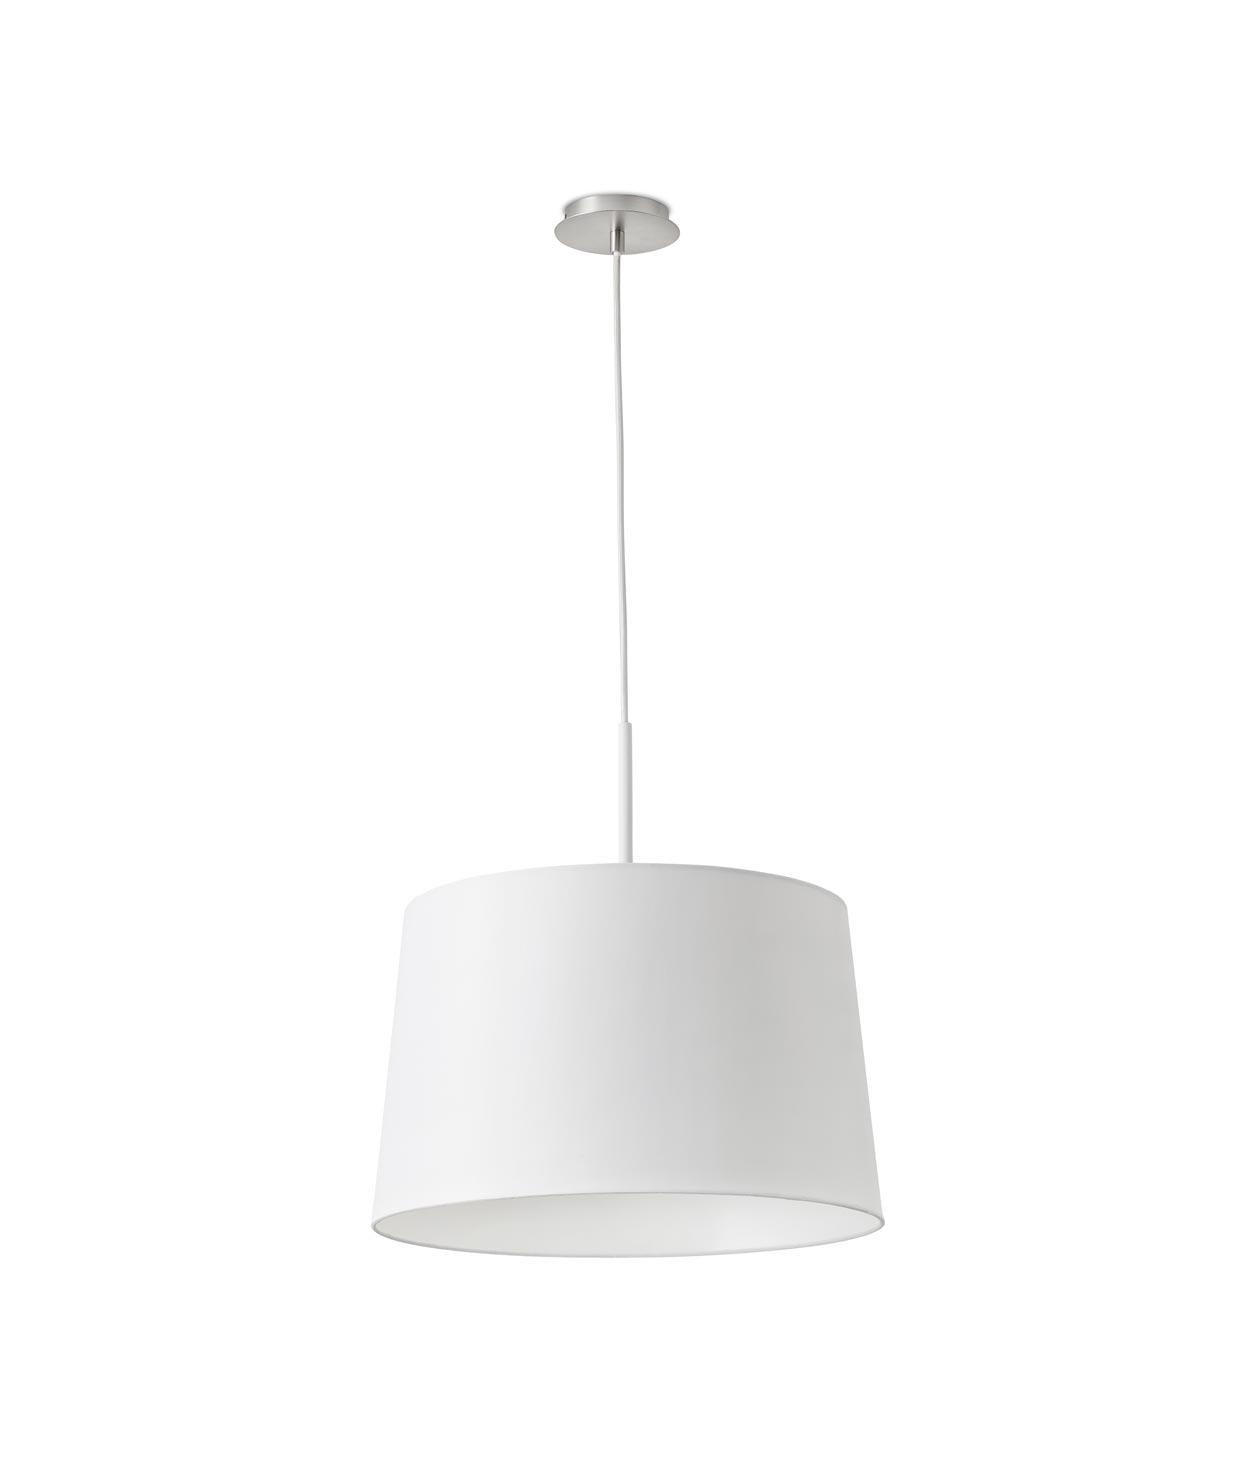 Lámpara de techo blanca VOLTA